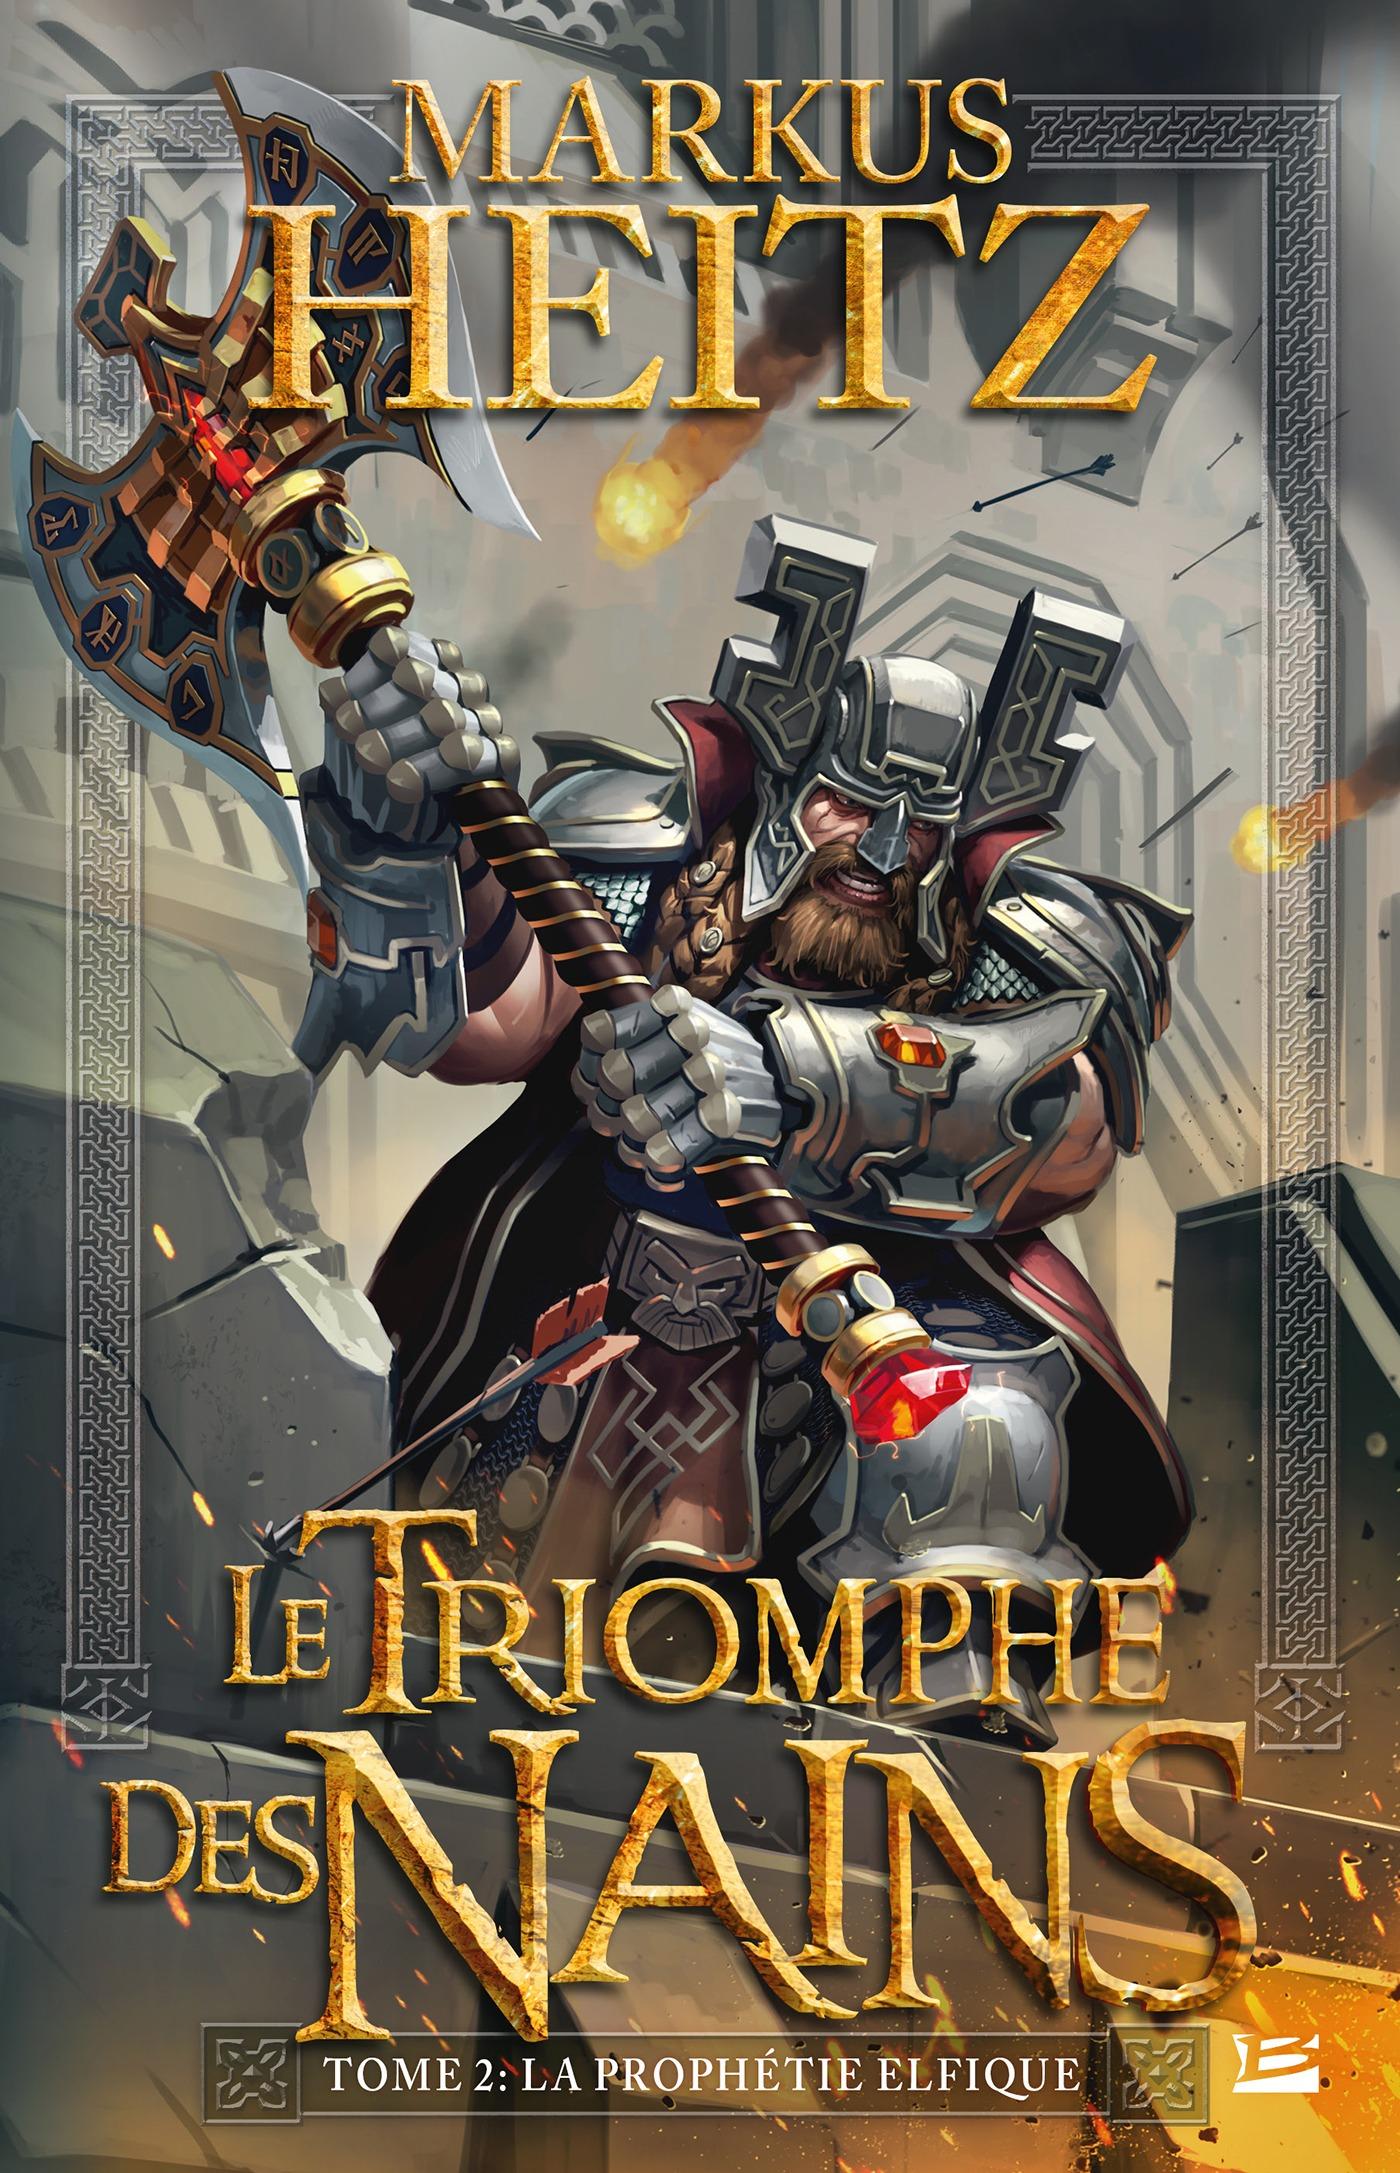 La Prophétie elfique, LE TRIOMPHE DES NAINS, T2